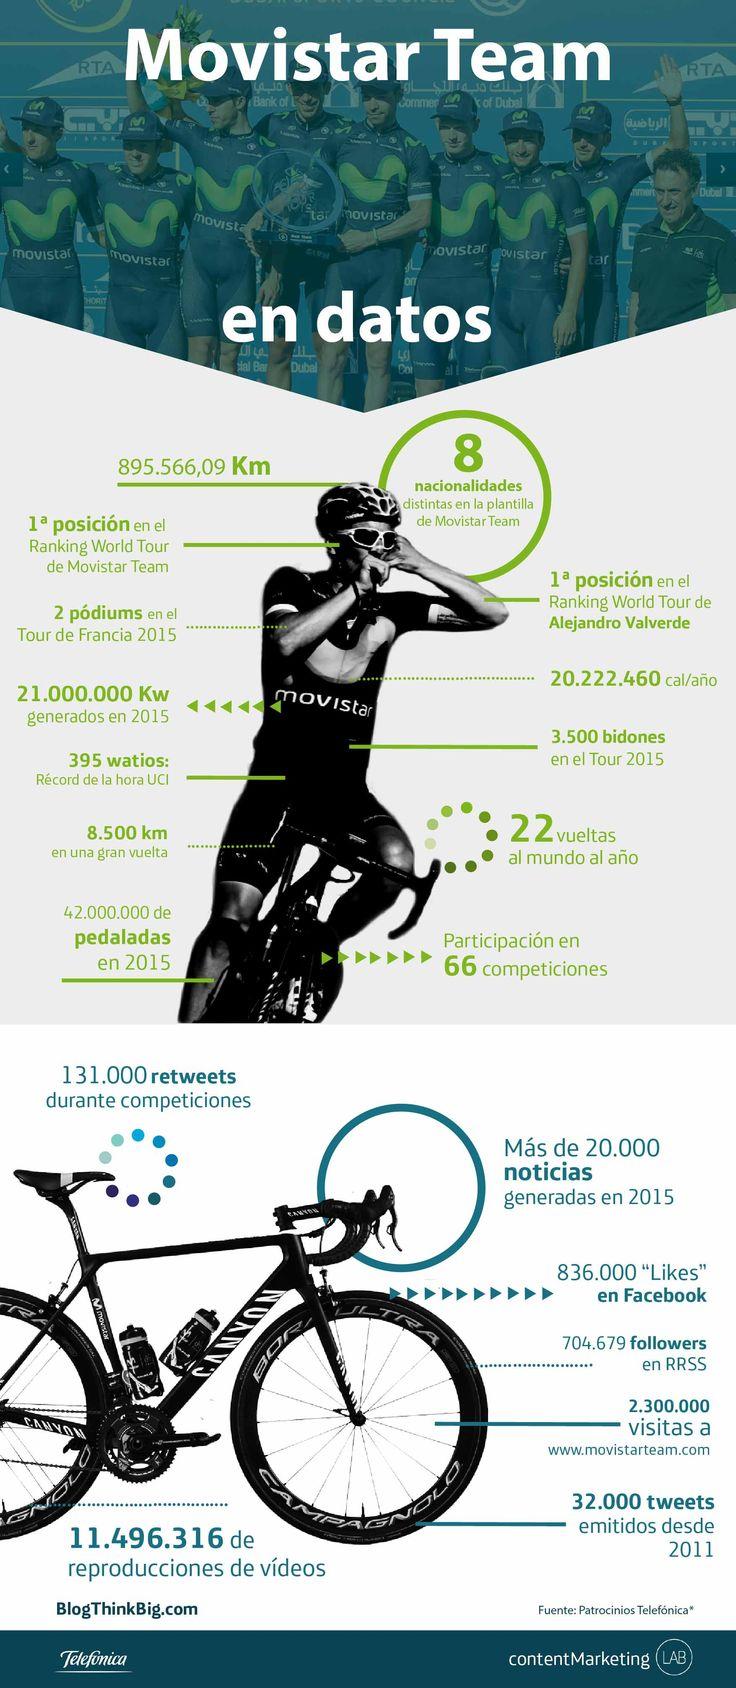 El Movistar Team, equipo ciclista español de Movistar, cuenta a día de hoy con una de las mejores plantillas del mundo. #TelefonicaGraphics #digital #design #technology #sport #team